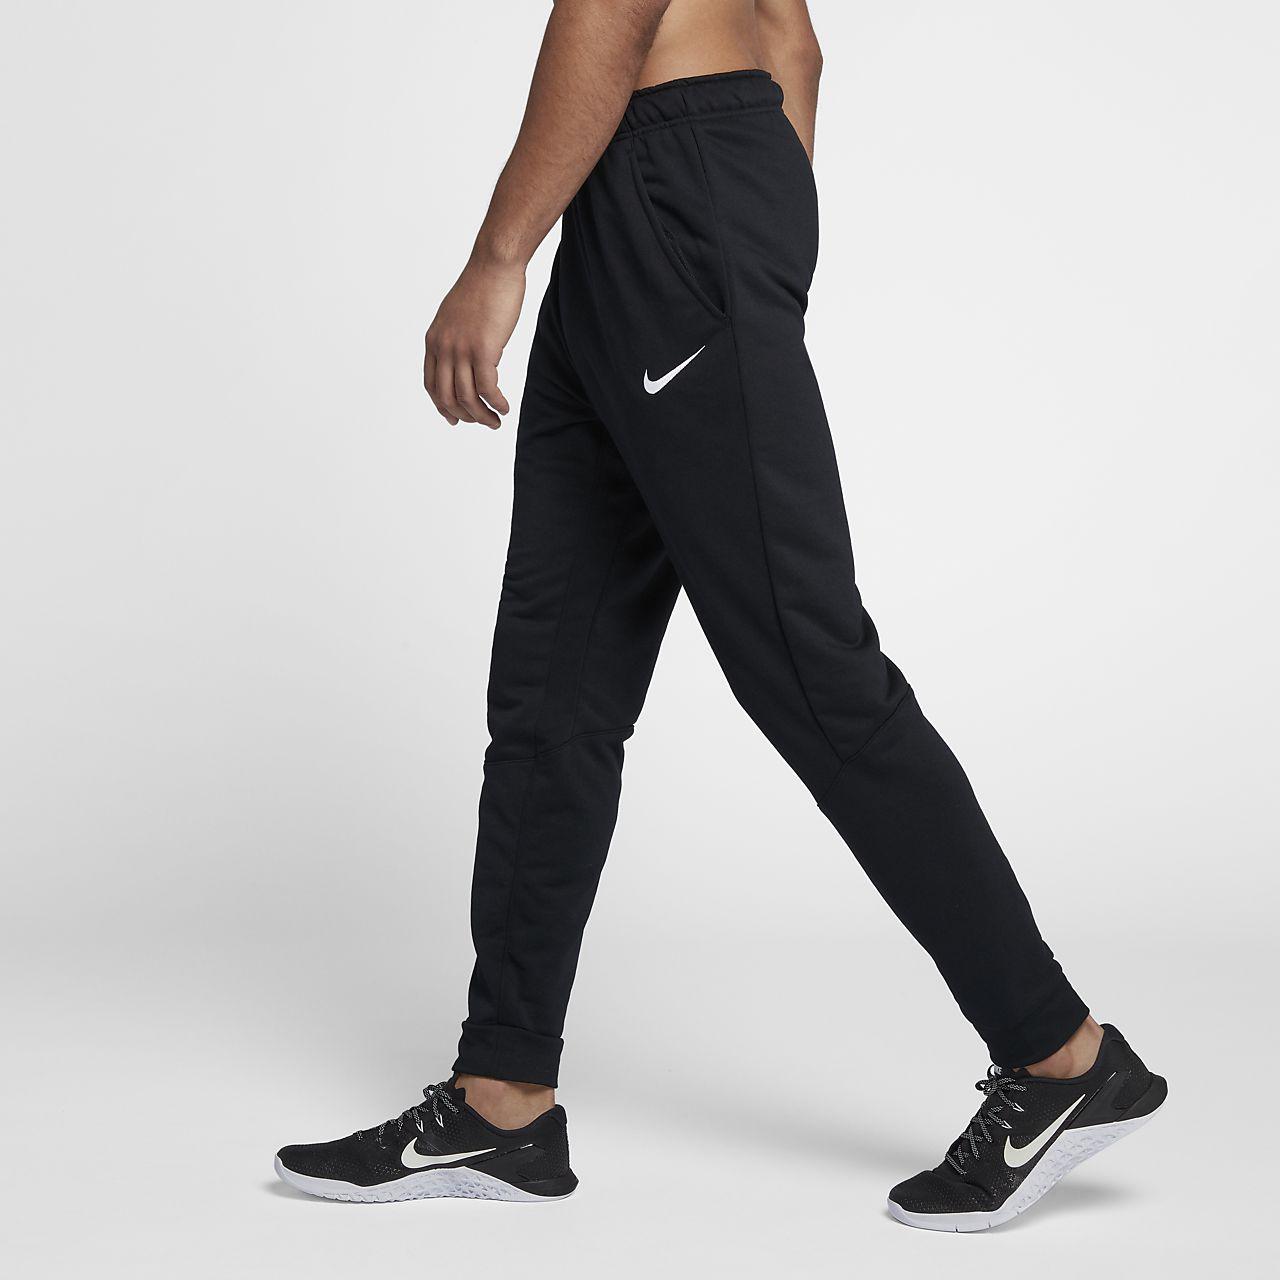 Nike Dri-FIT-faconsyede træningsbukser i fleece til mænd